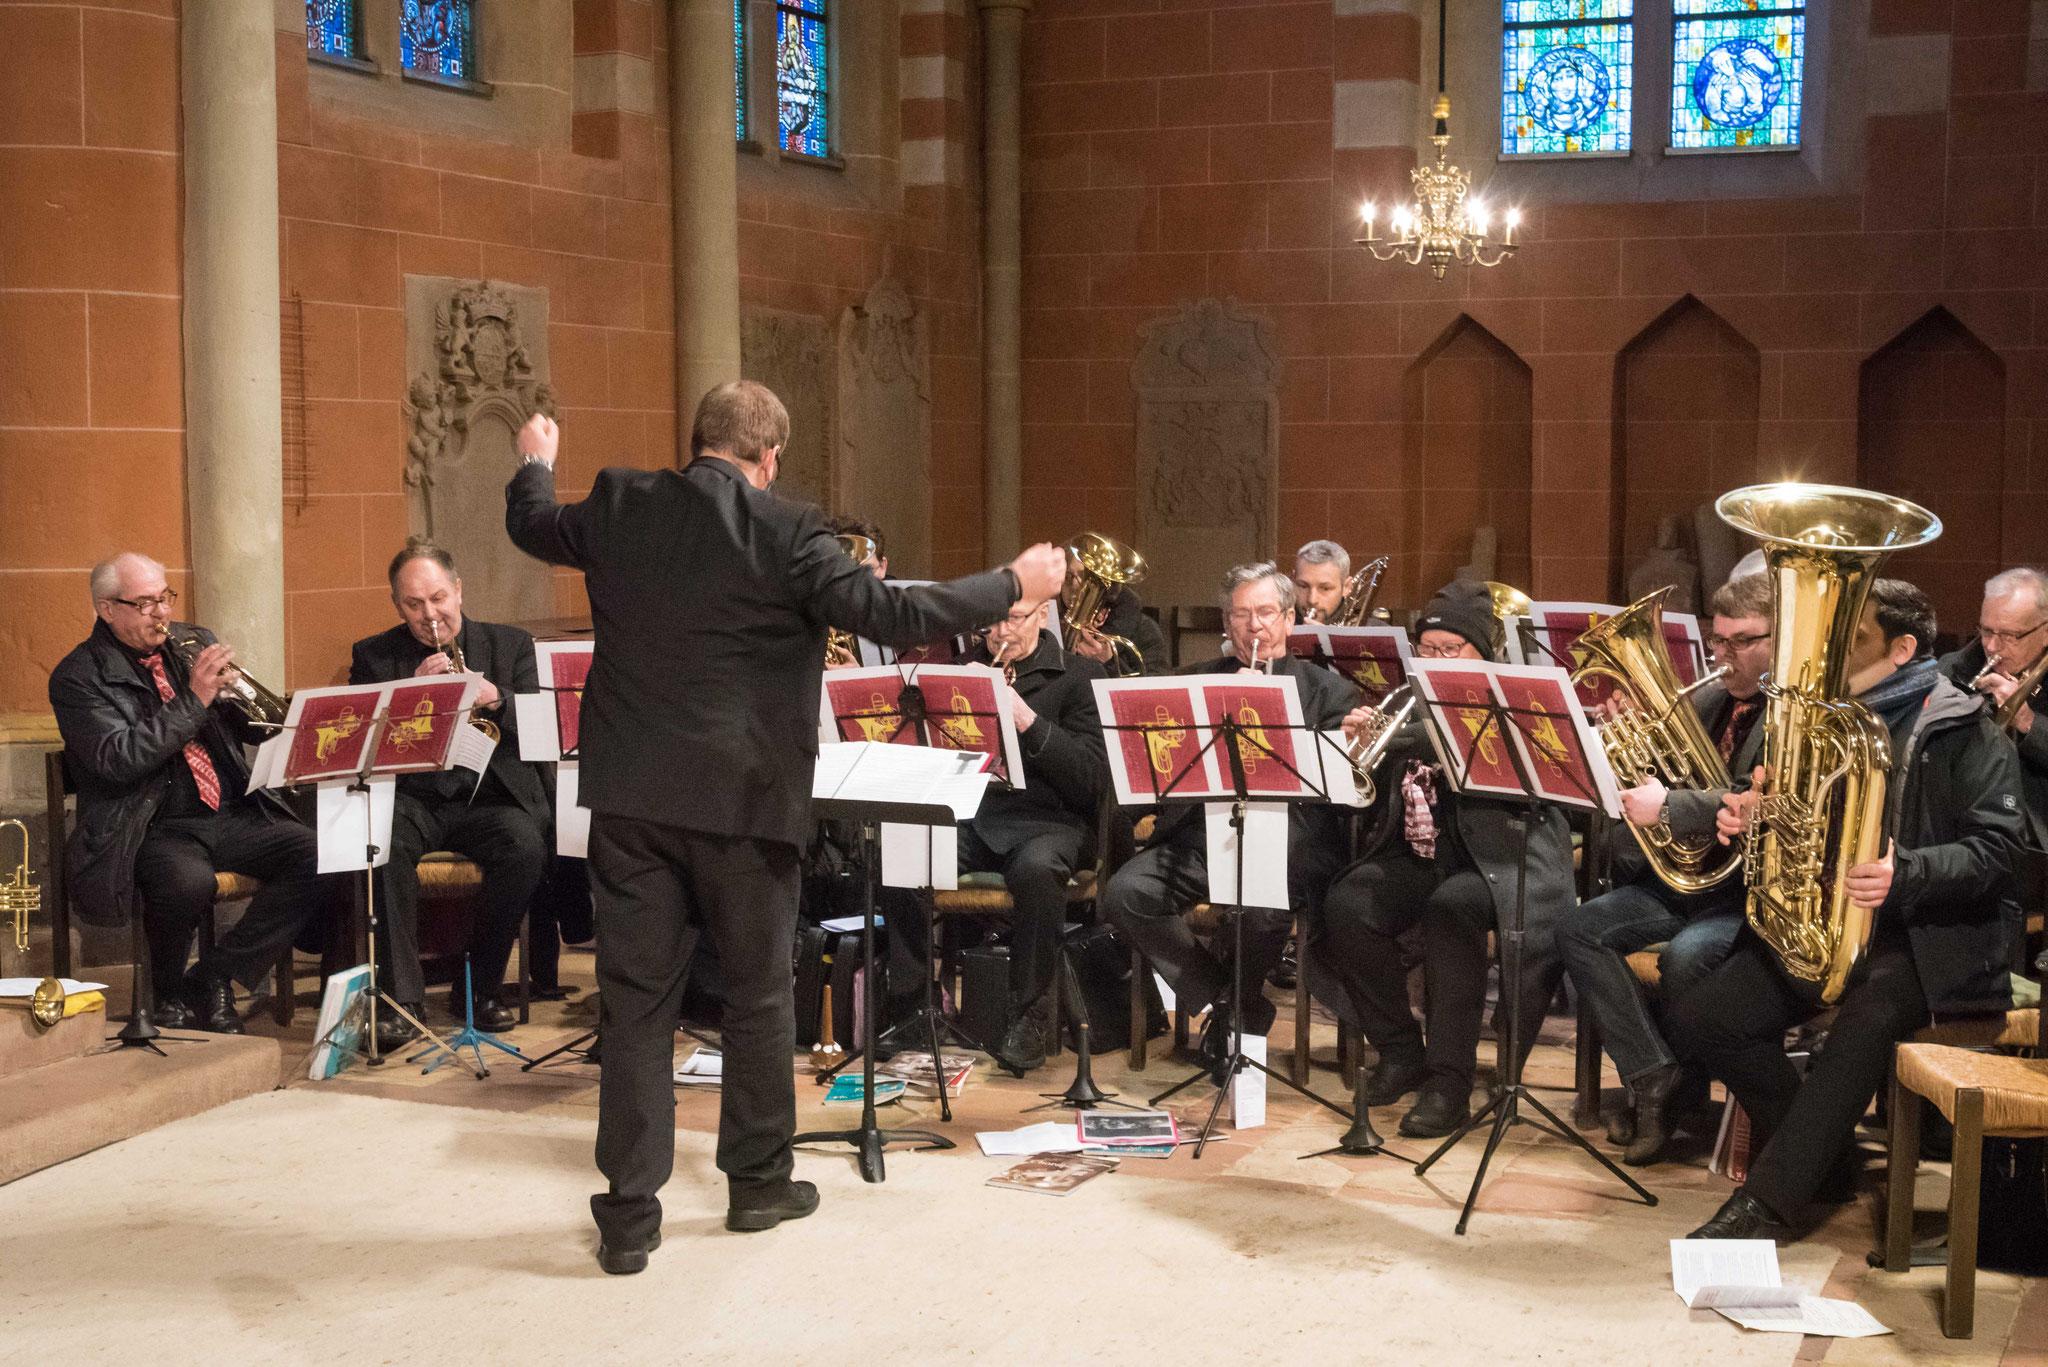 Der Posaunenchor Wetter-Todenhausen unter der Leitung von Martin J. Fischer